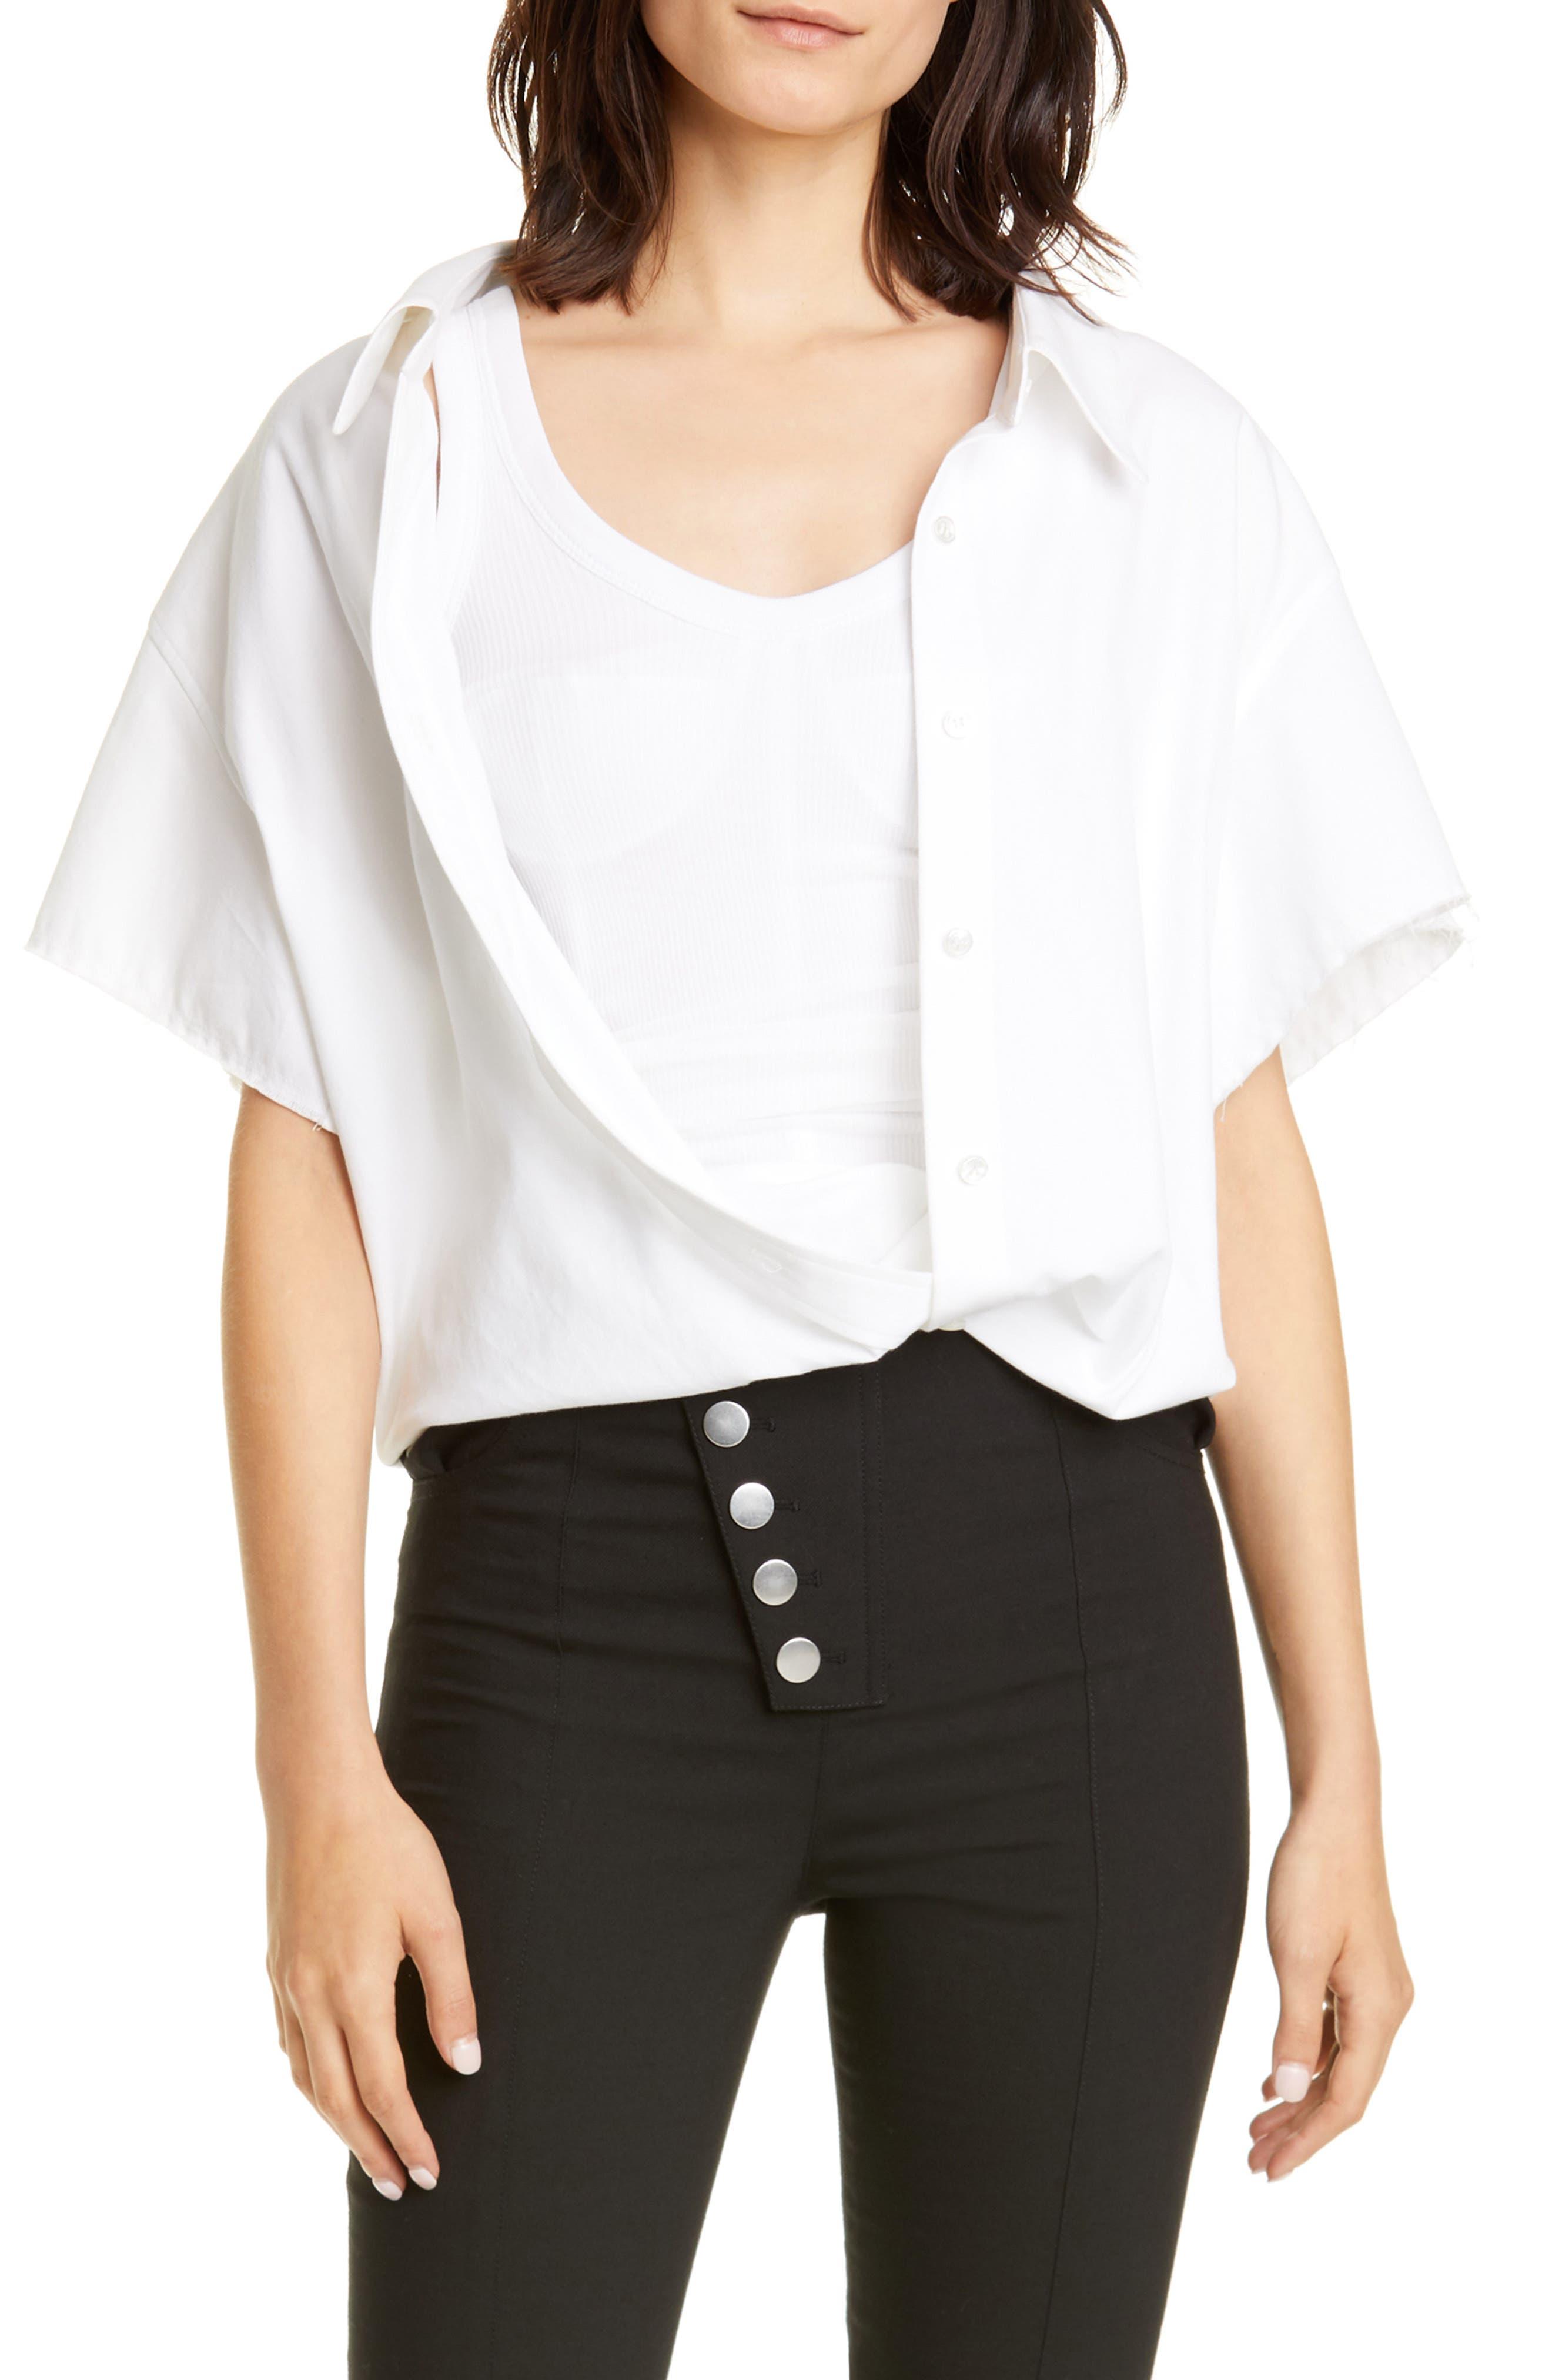 CERTONGCXTS Little Girls South Africa Flag ComfortSoft Long Sleeve T-Shirt